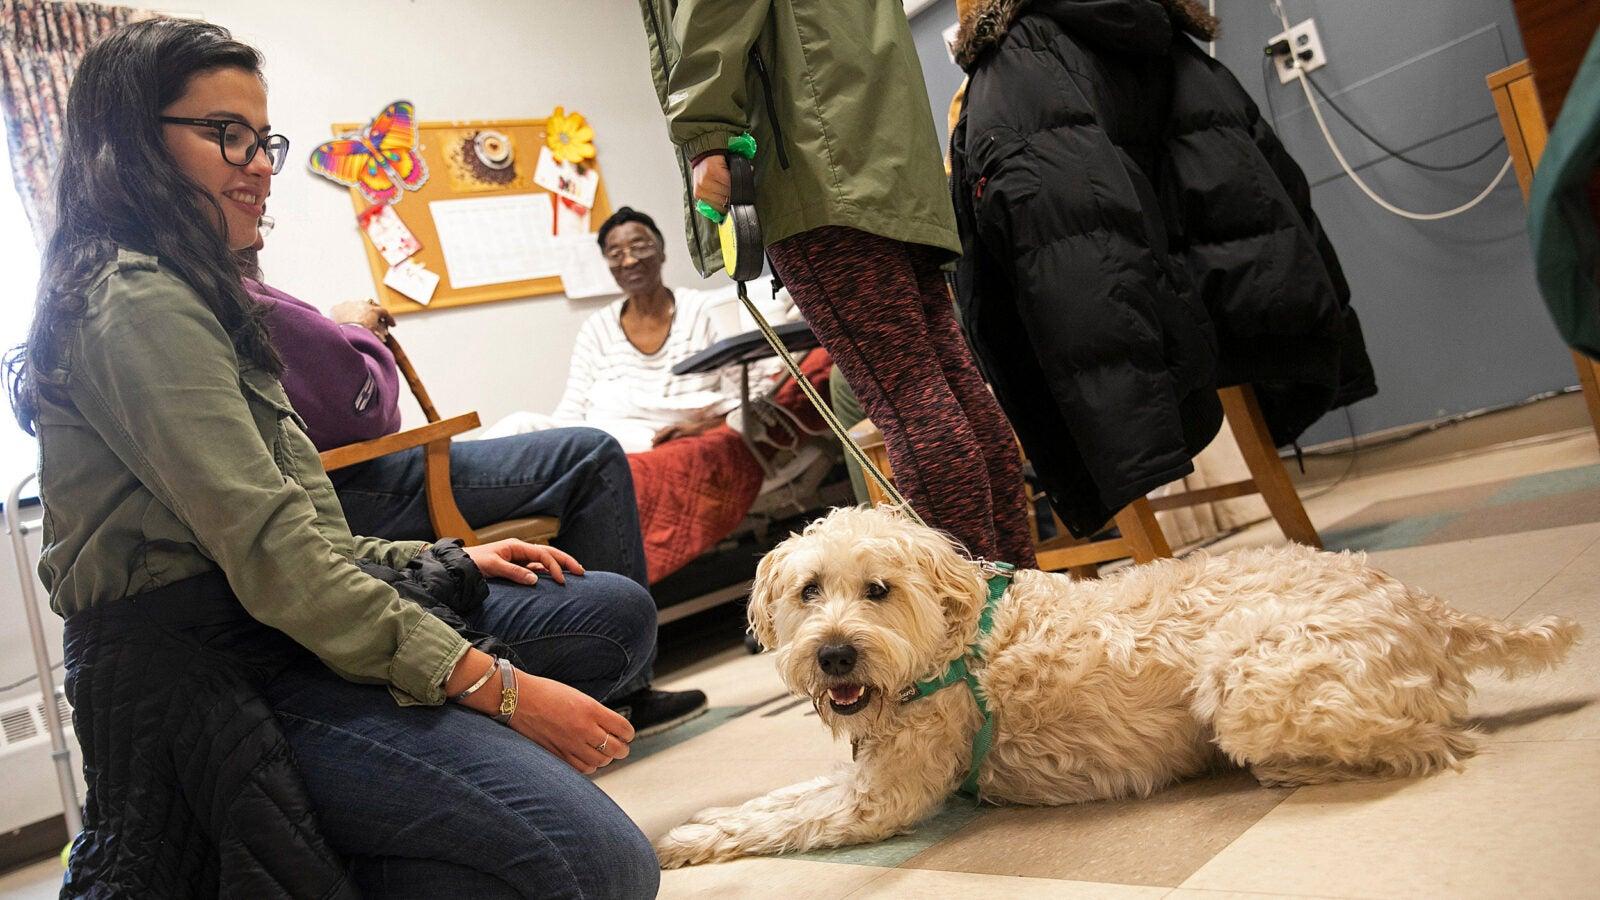 Man petting dog, women kneeling with dog